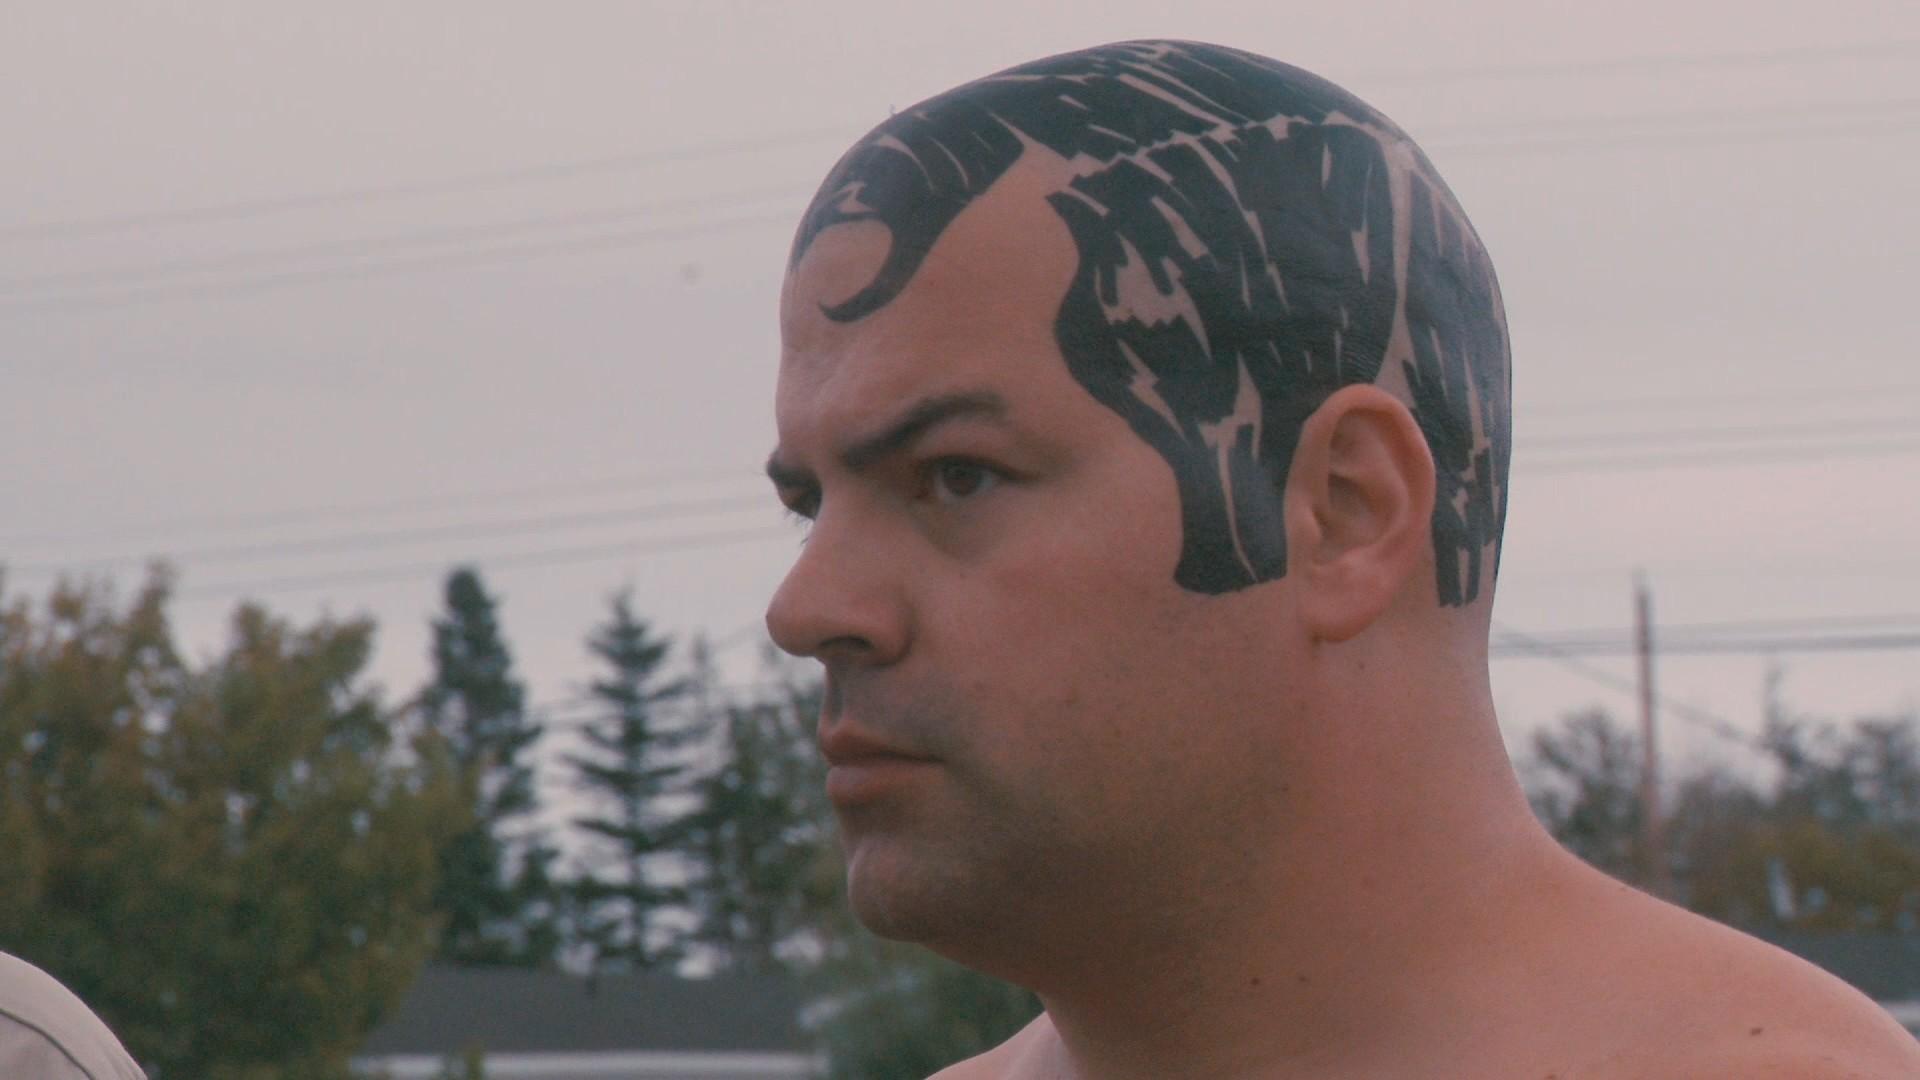 Trailer Park Boys: Countdown to Liquor Day Blu-ray screen shot 8 – DoBlu.com